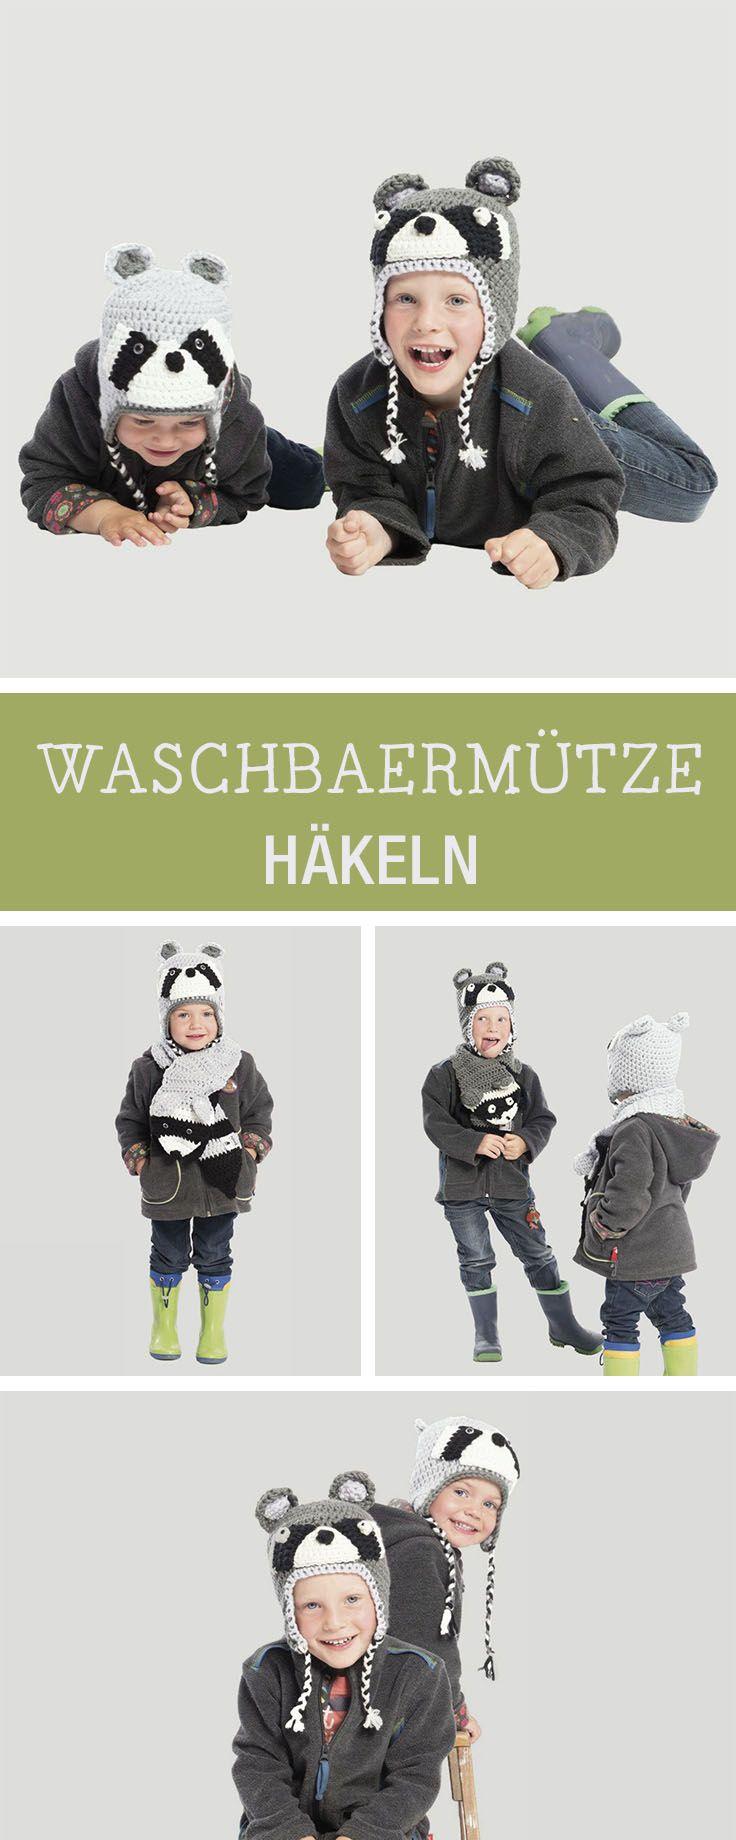 Mütze für Kinder häkeln mit Waschbär-Gesicht / crocheted head for children with little raccoon face via DaWanda.com